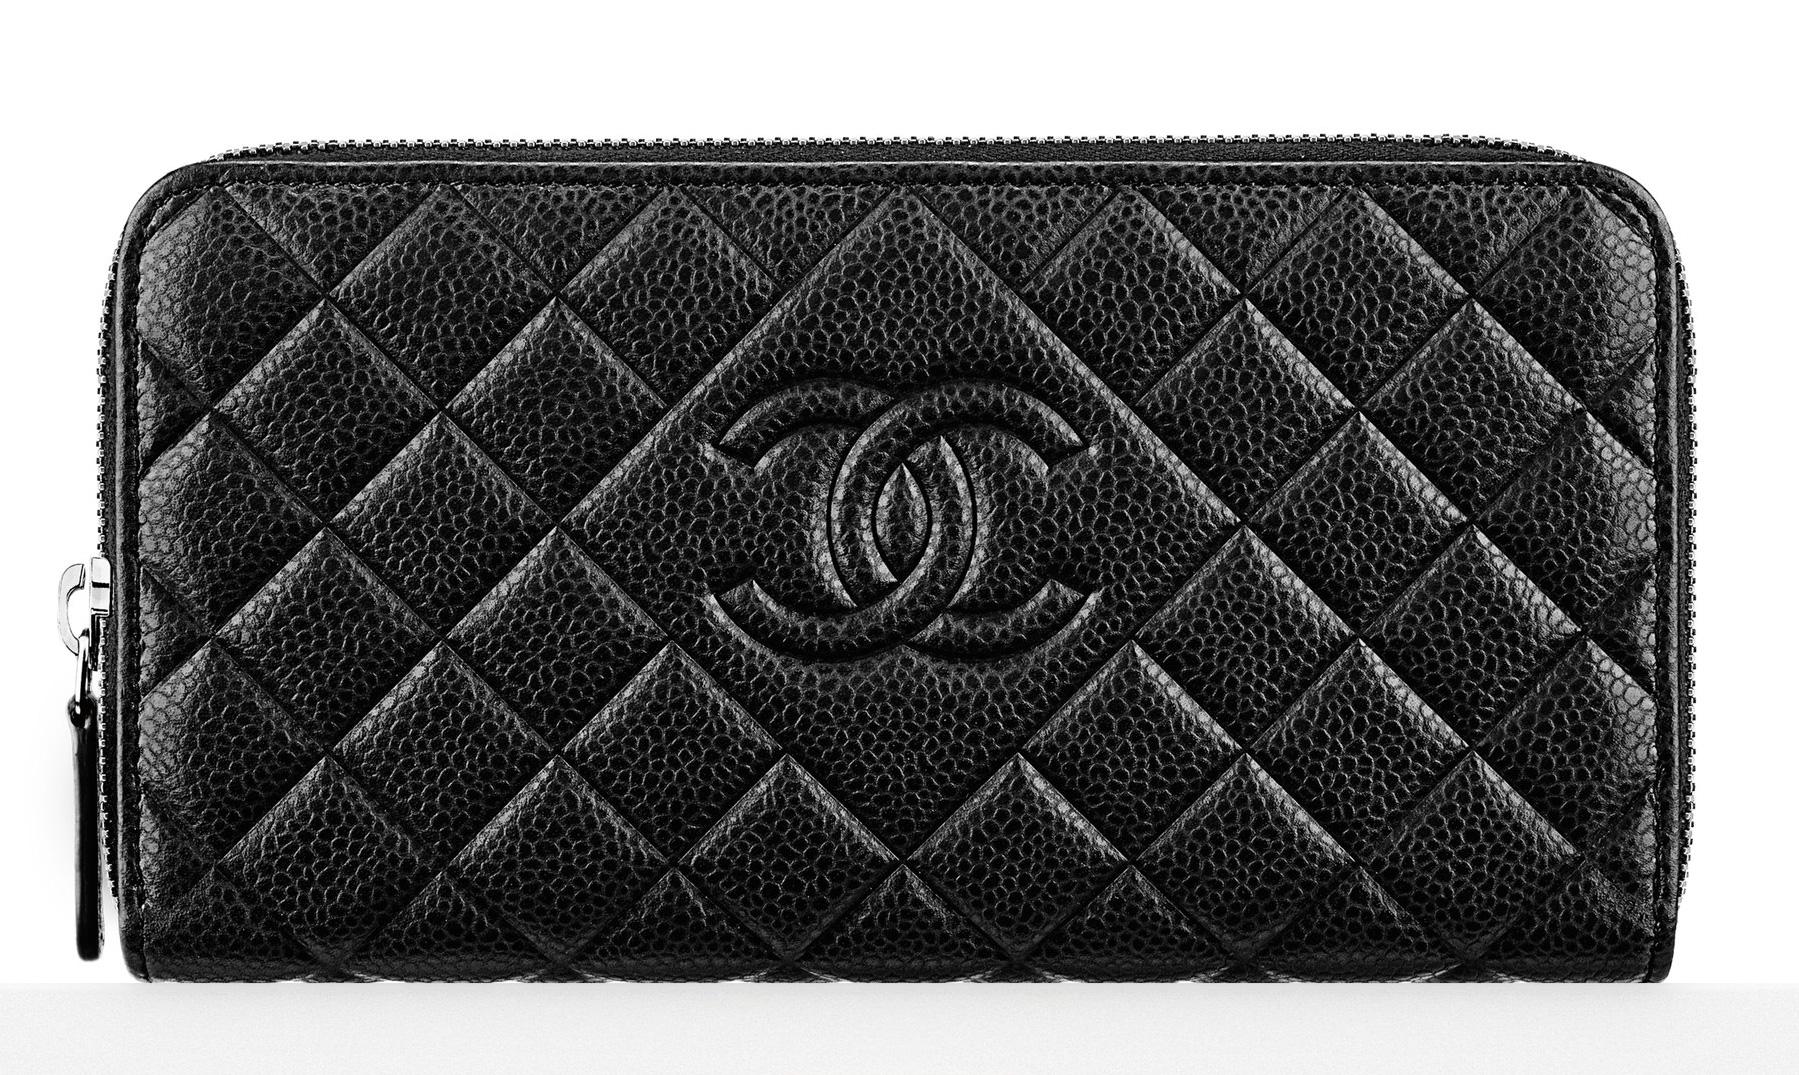 Chanel-Zipped-Wallet-Black-1000